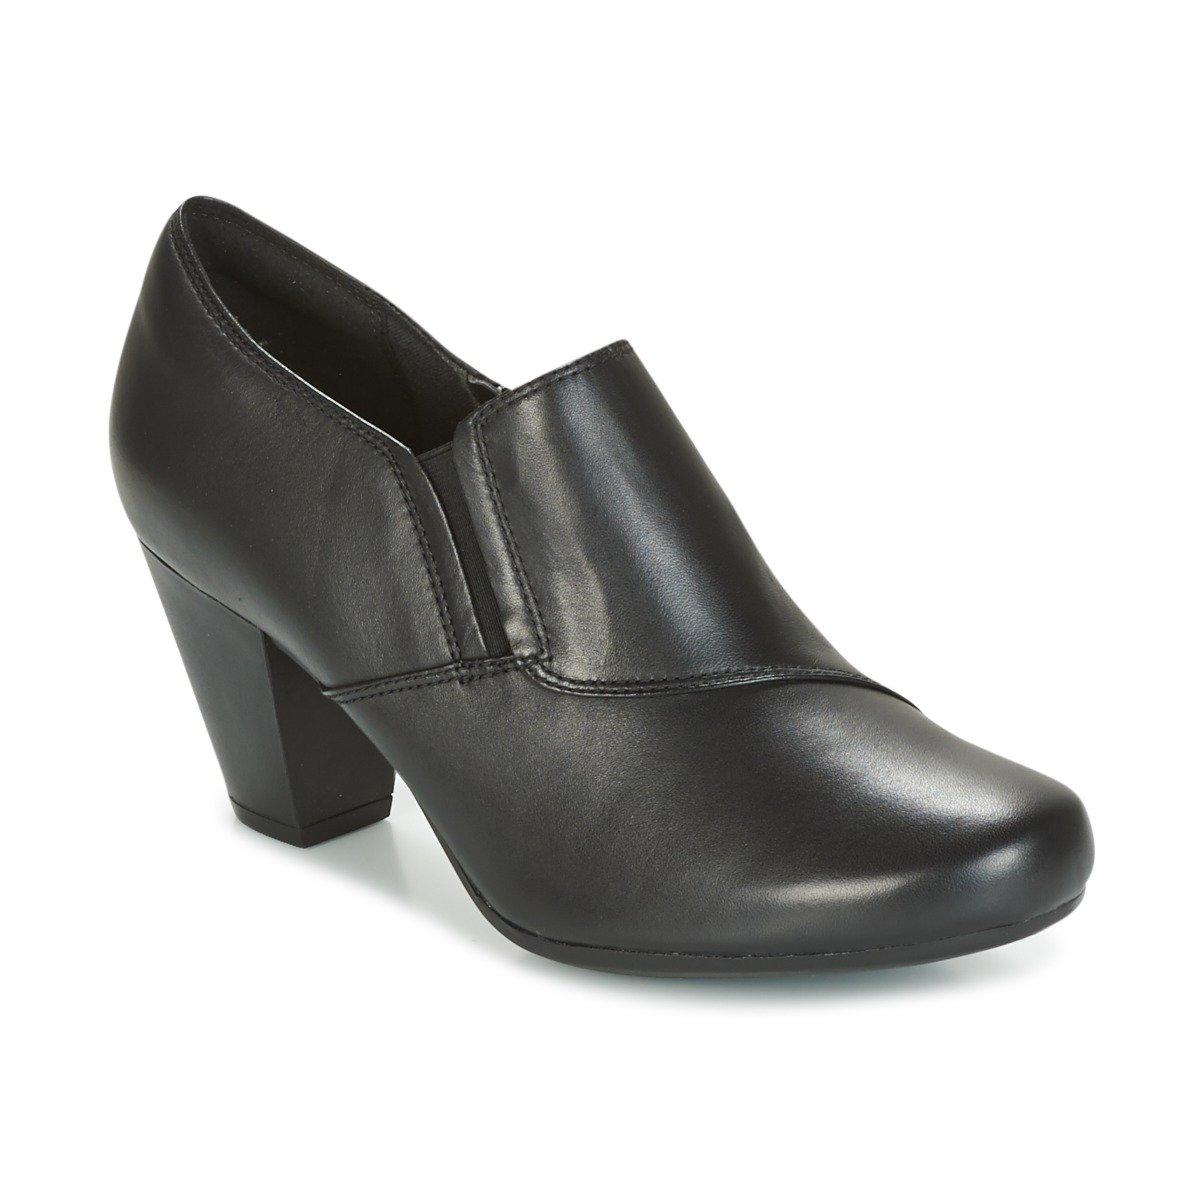 Clarks Garnit Colette - Black Leather 6.5 UK|Negro